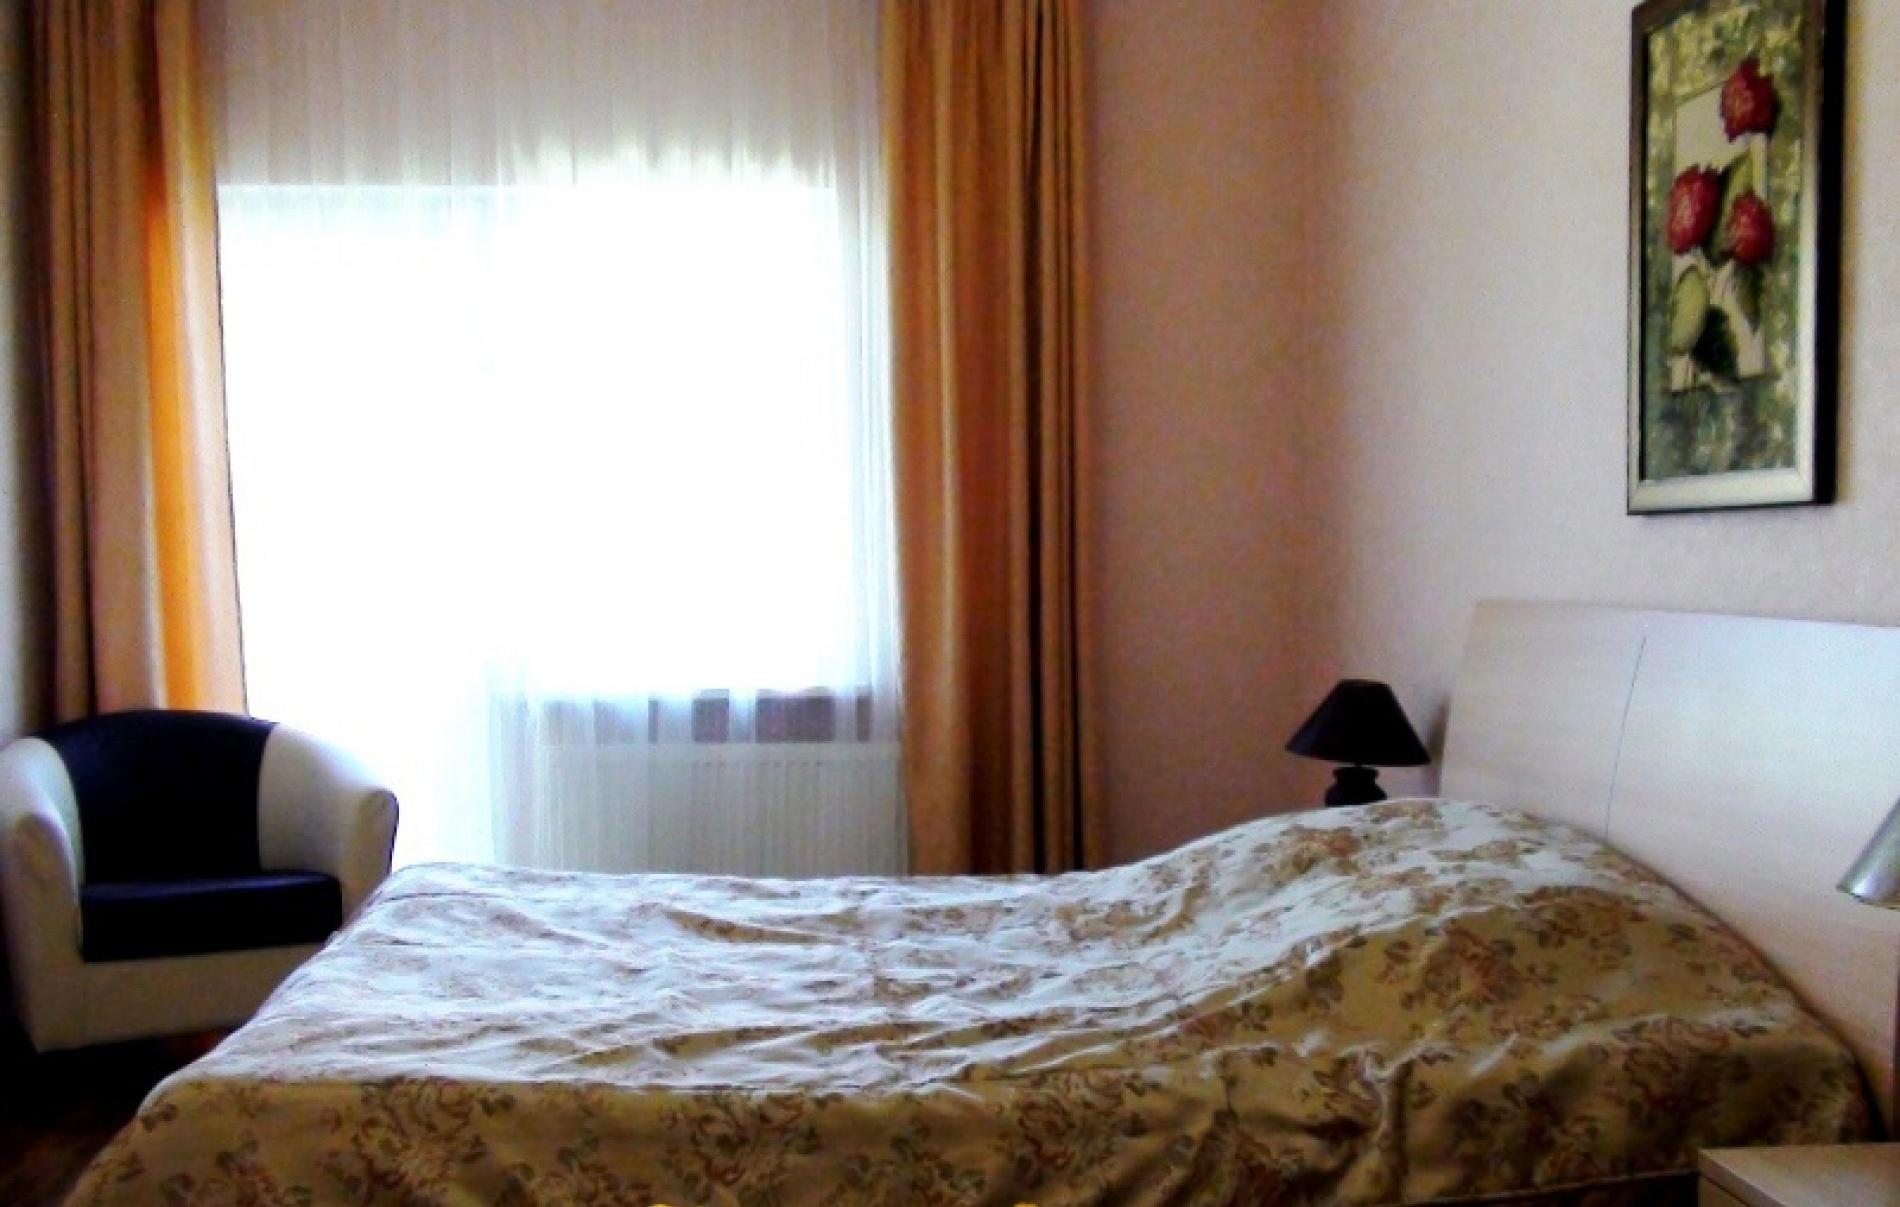 Гостевой дом «Понарт» Калининградская область «Двухкомнатный двухместный номер», фото 1